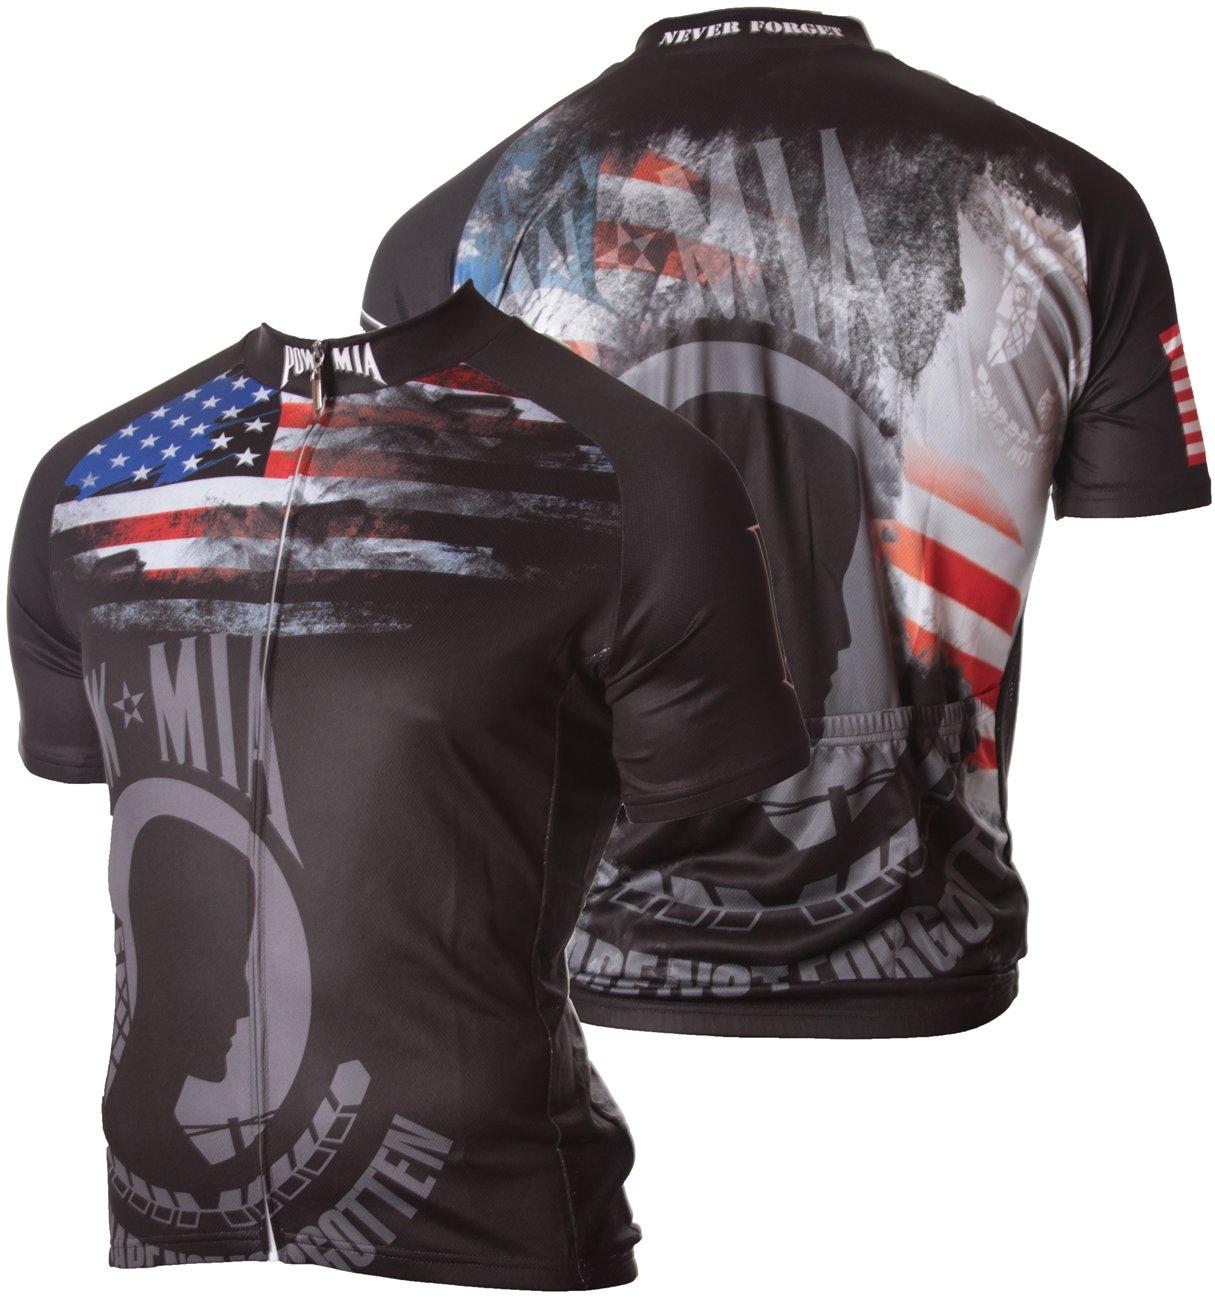 83 Sportswear POW MIA Cycling Jersey